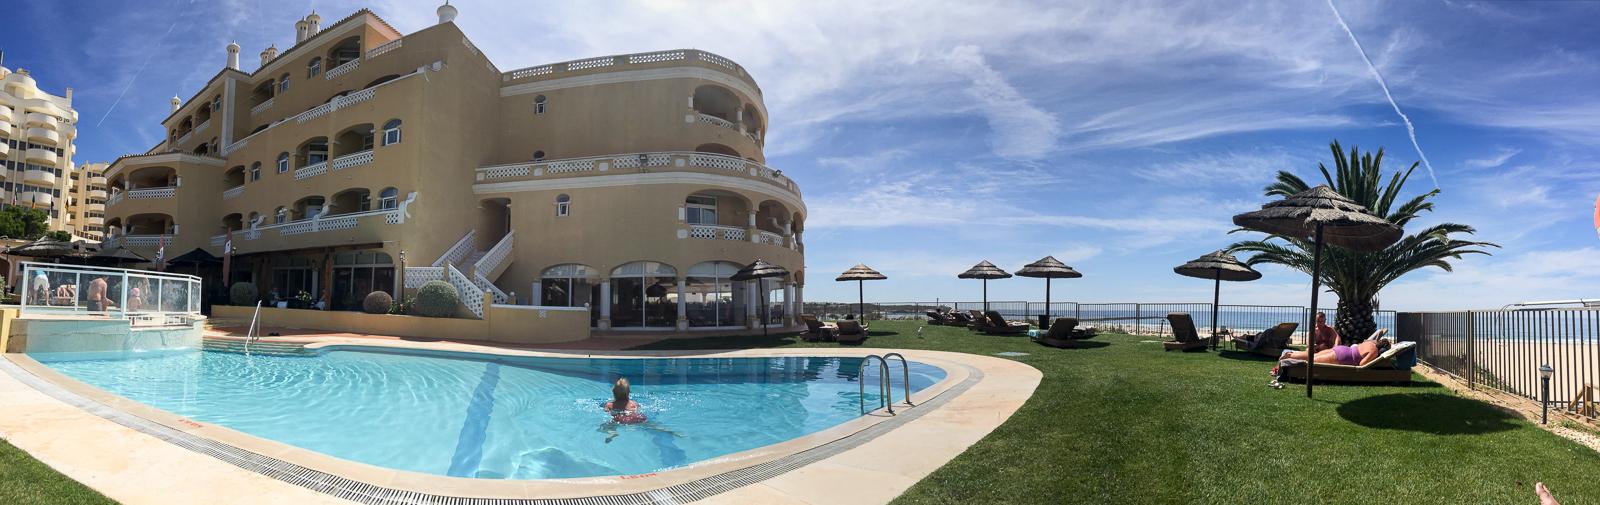 Dag02-Algarve-003-IMG_40895